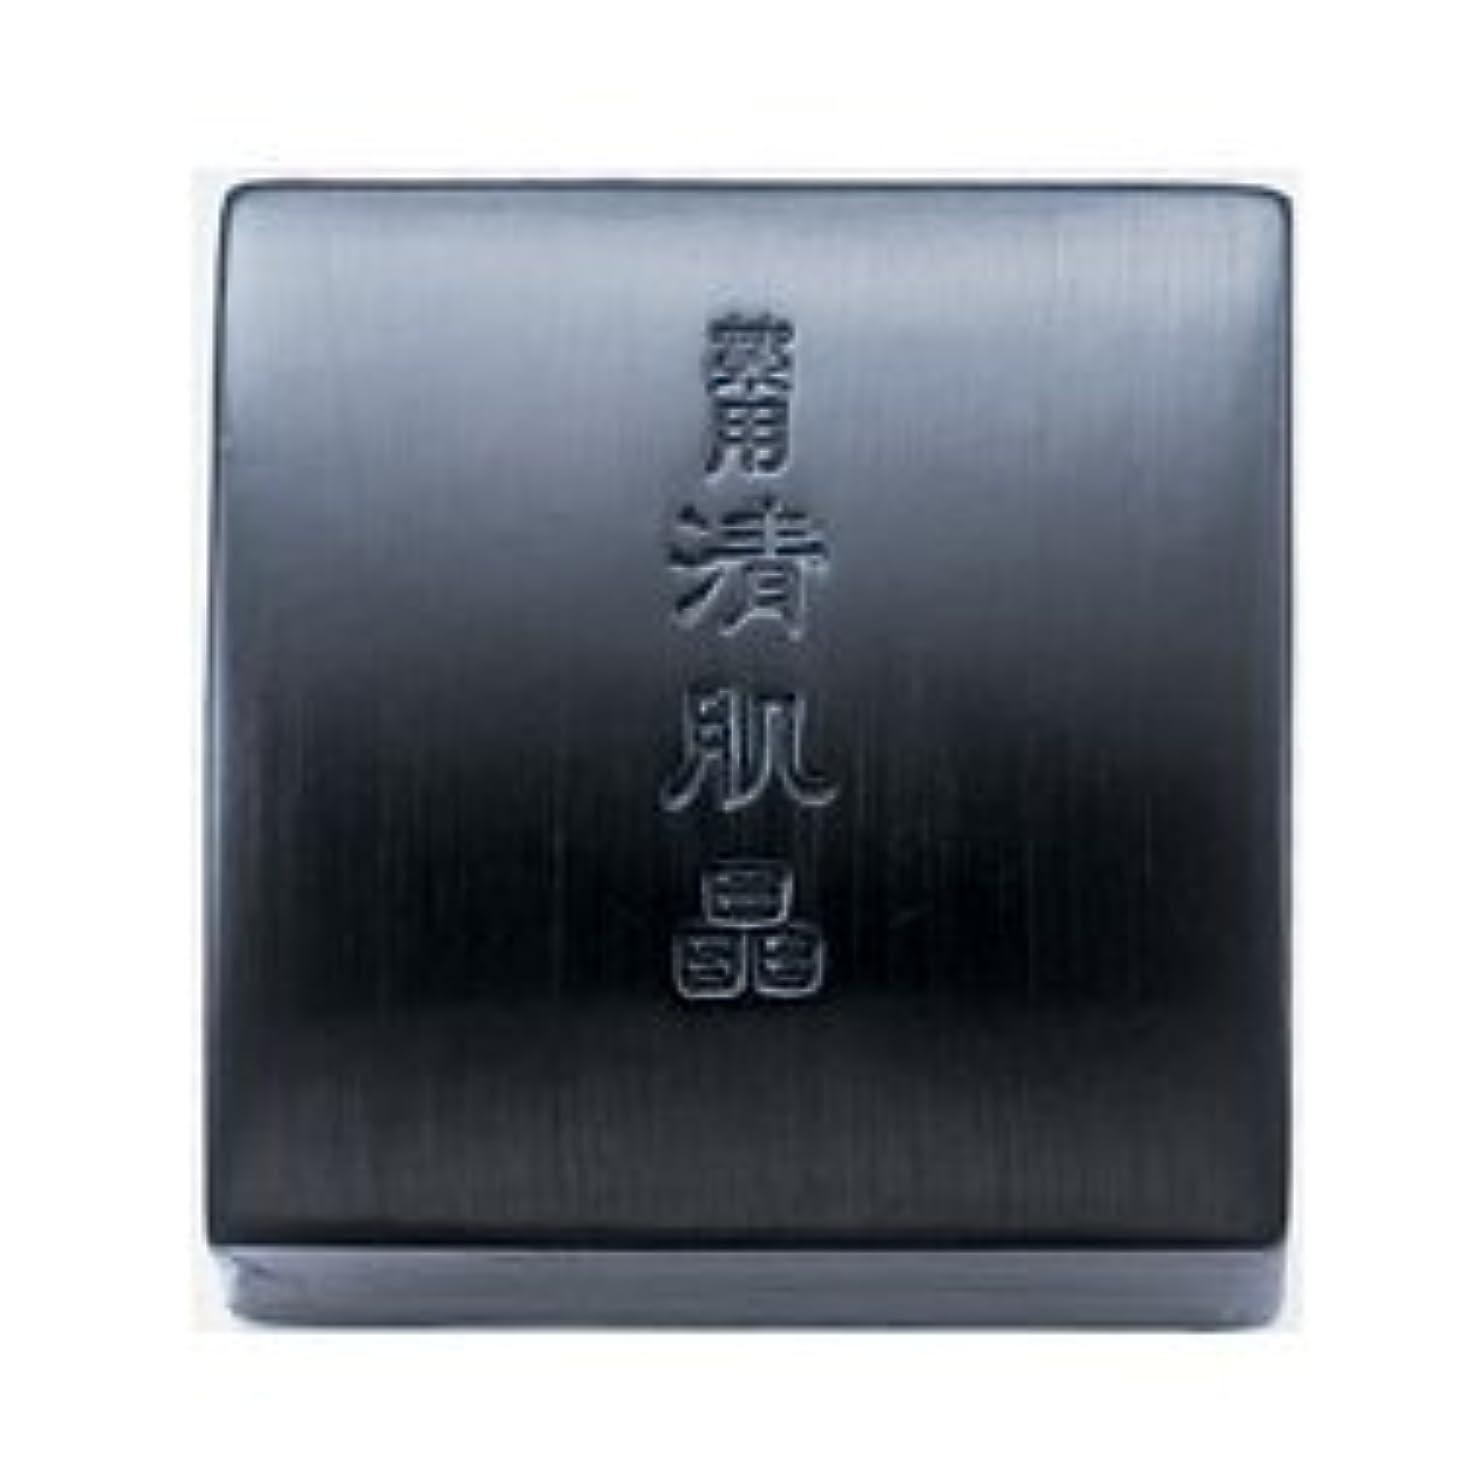 厚い博覧会淡いコーセー薬用 清肌晶120g(ケース付き)